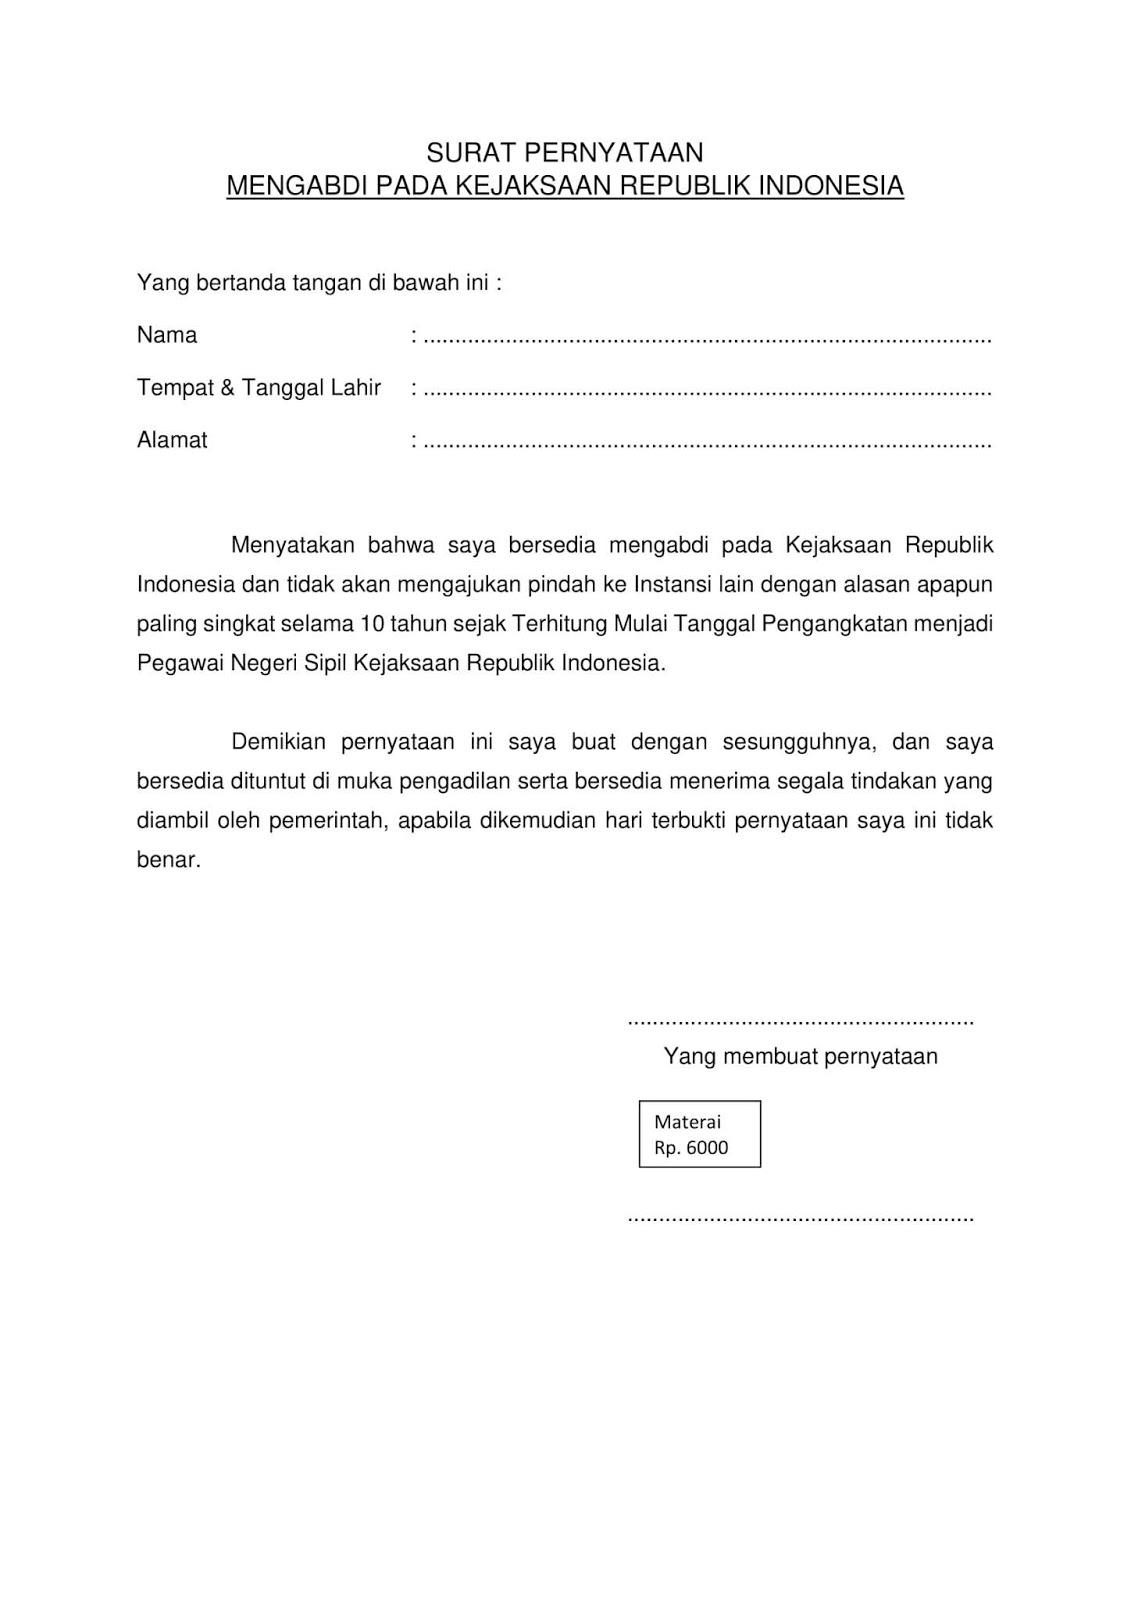 Contoh Terbaru Format Surat Pernyataan Cpns Kejaksaan Agung Tahun 2019 Semua Formasi Jabatan Rekrutmen Lowongan Kerja Bulan Oktober 2020